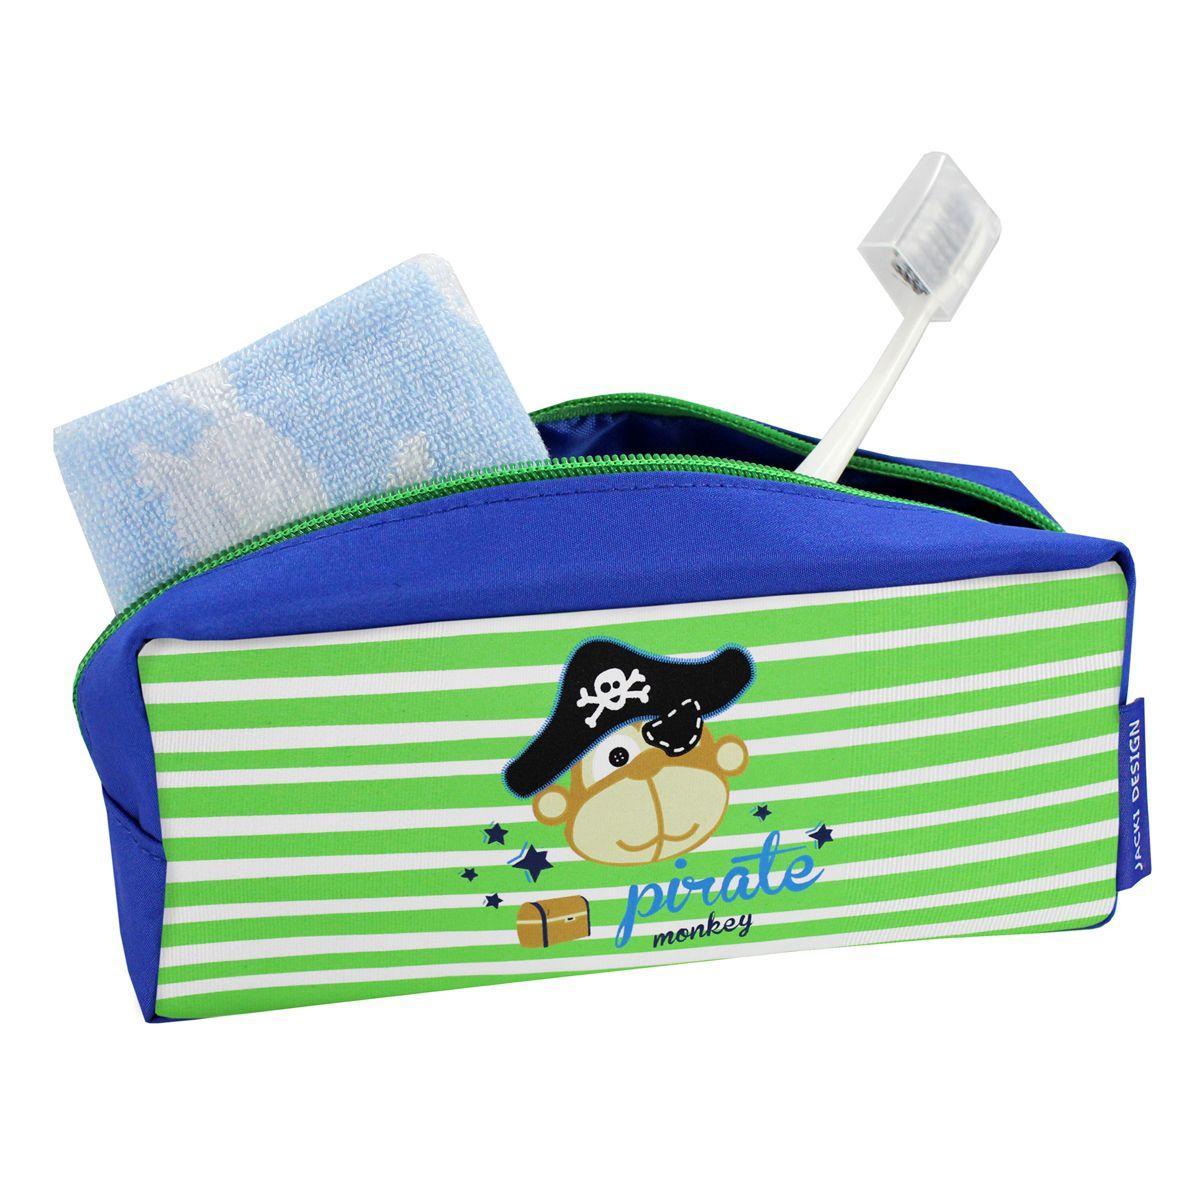 69ea14cd4 Estojo necessaire escolar infantil criança ziper menino jacki design pirata  R$ 21,38 à vista. Adicionar à sacola